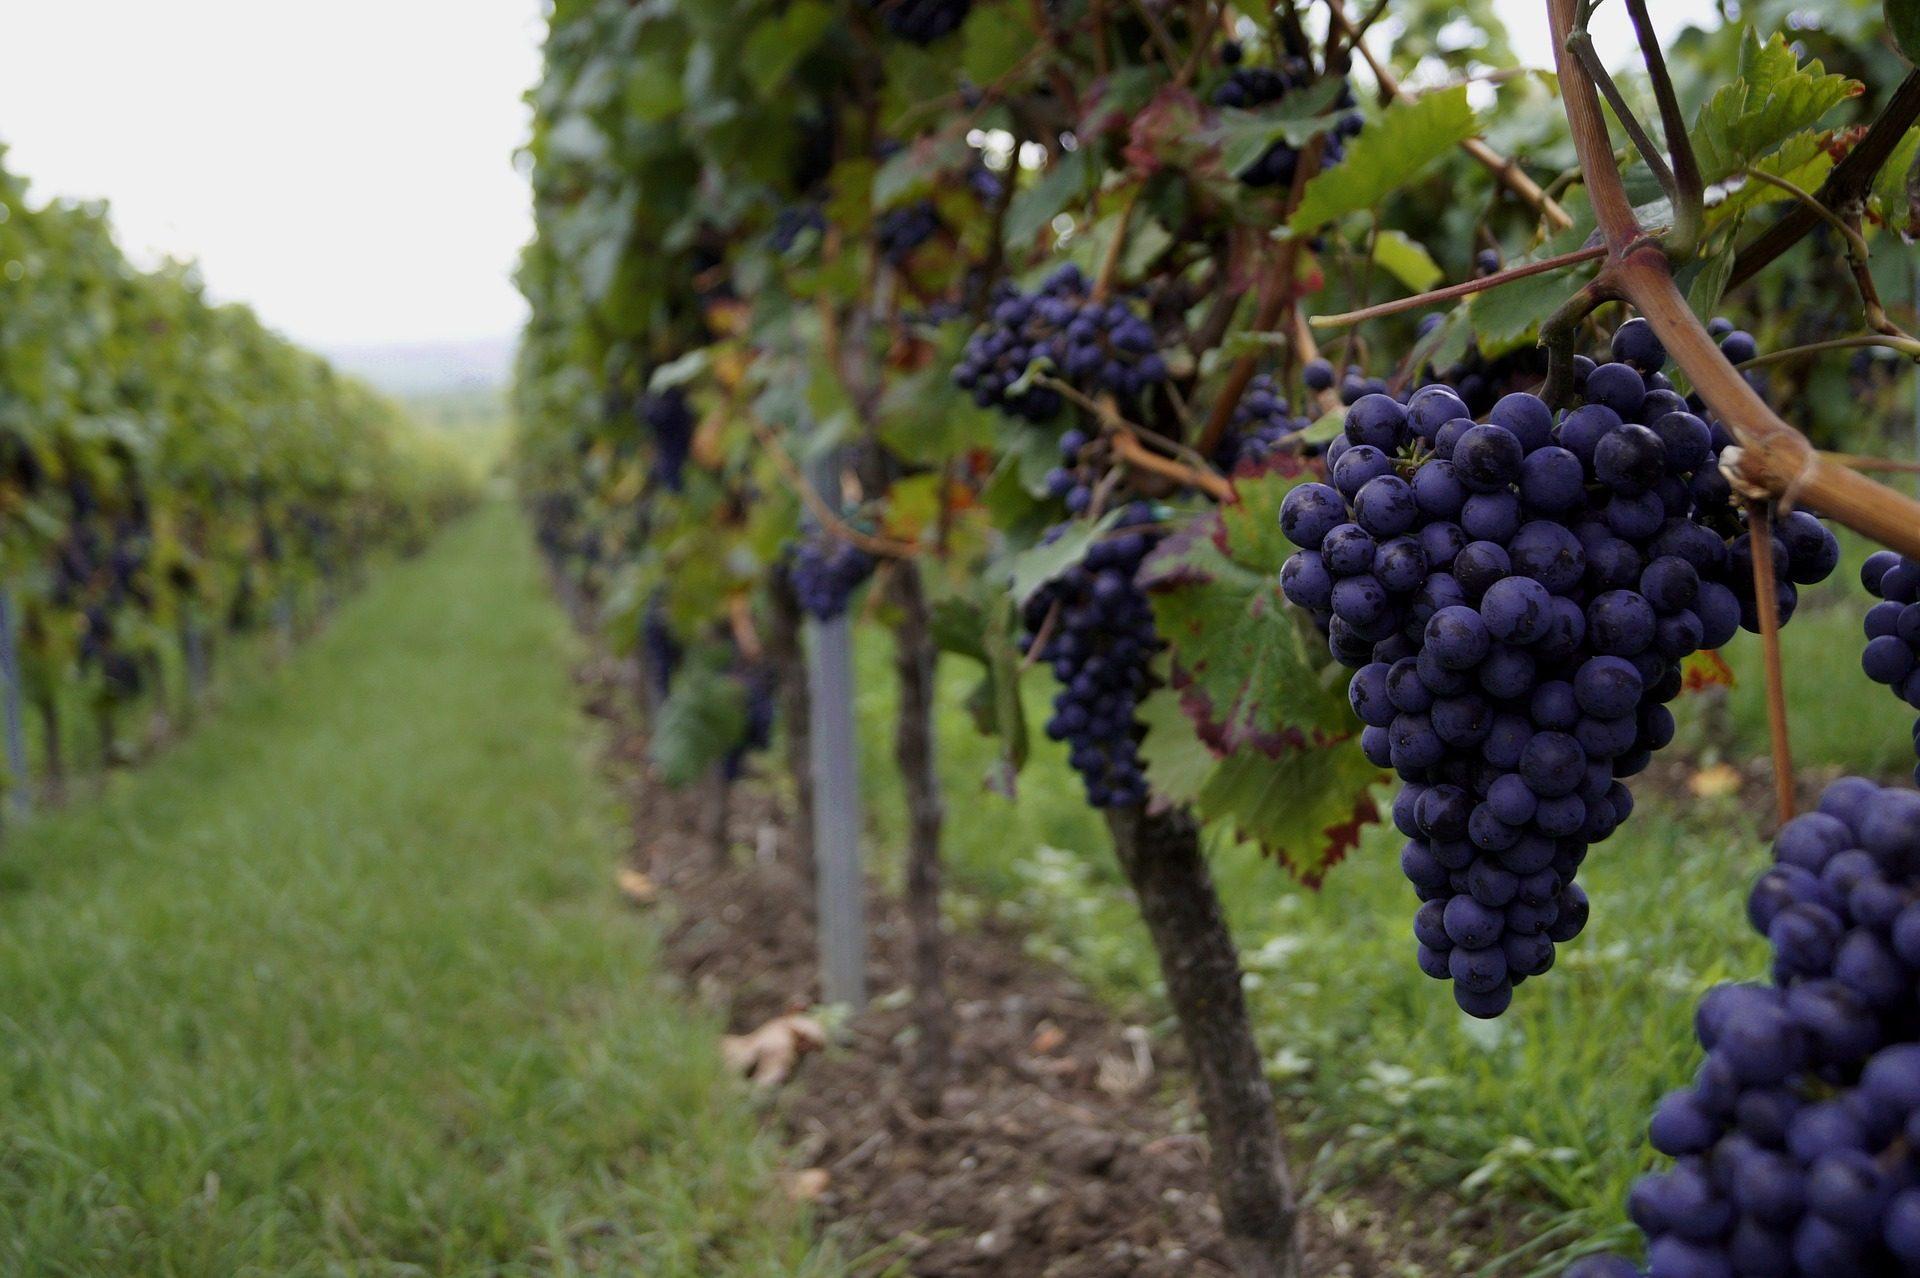 виноград, фрукты, Вайн, Выращивание, Плантейшен, штаммы - Обои HD - Профессор falken.com